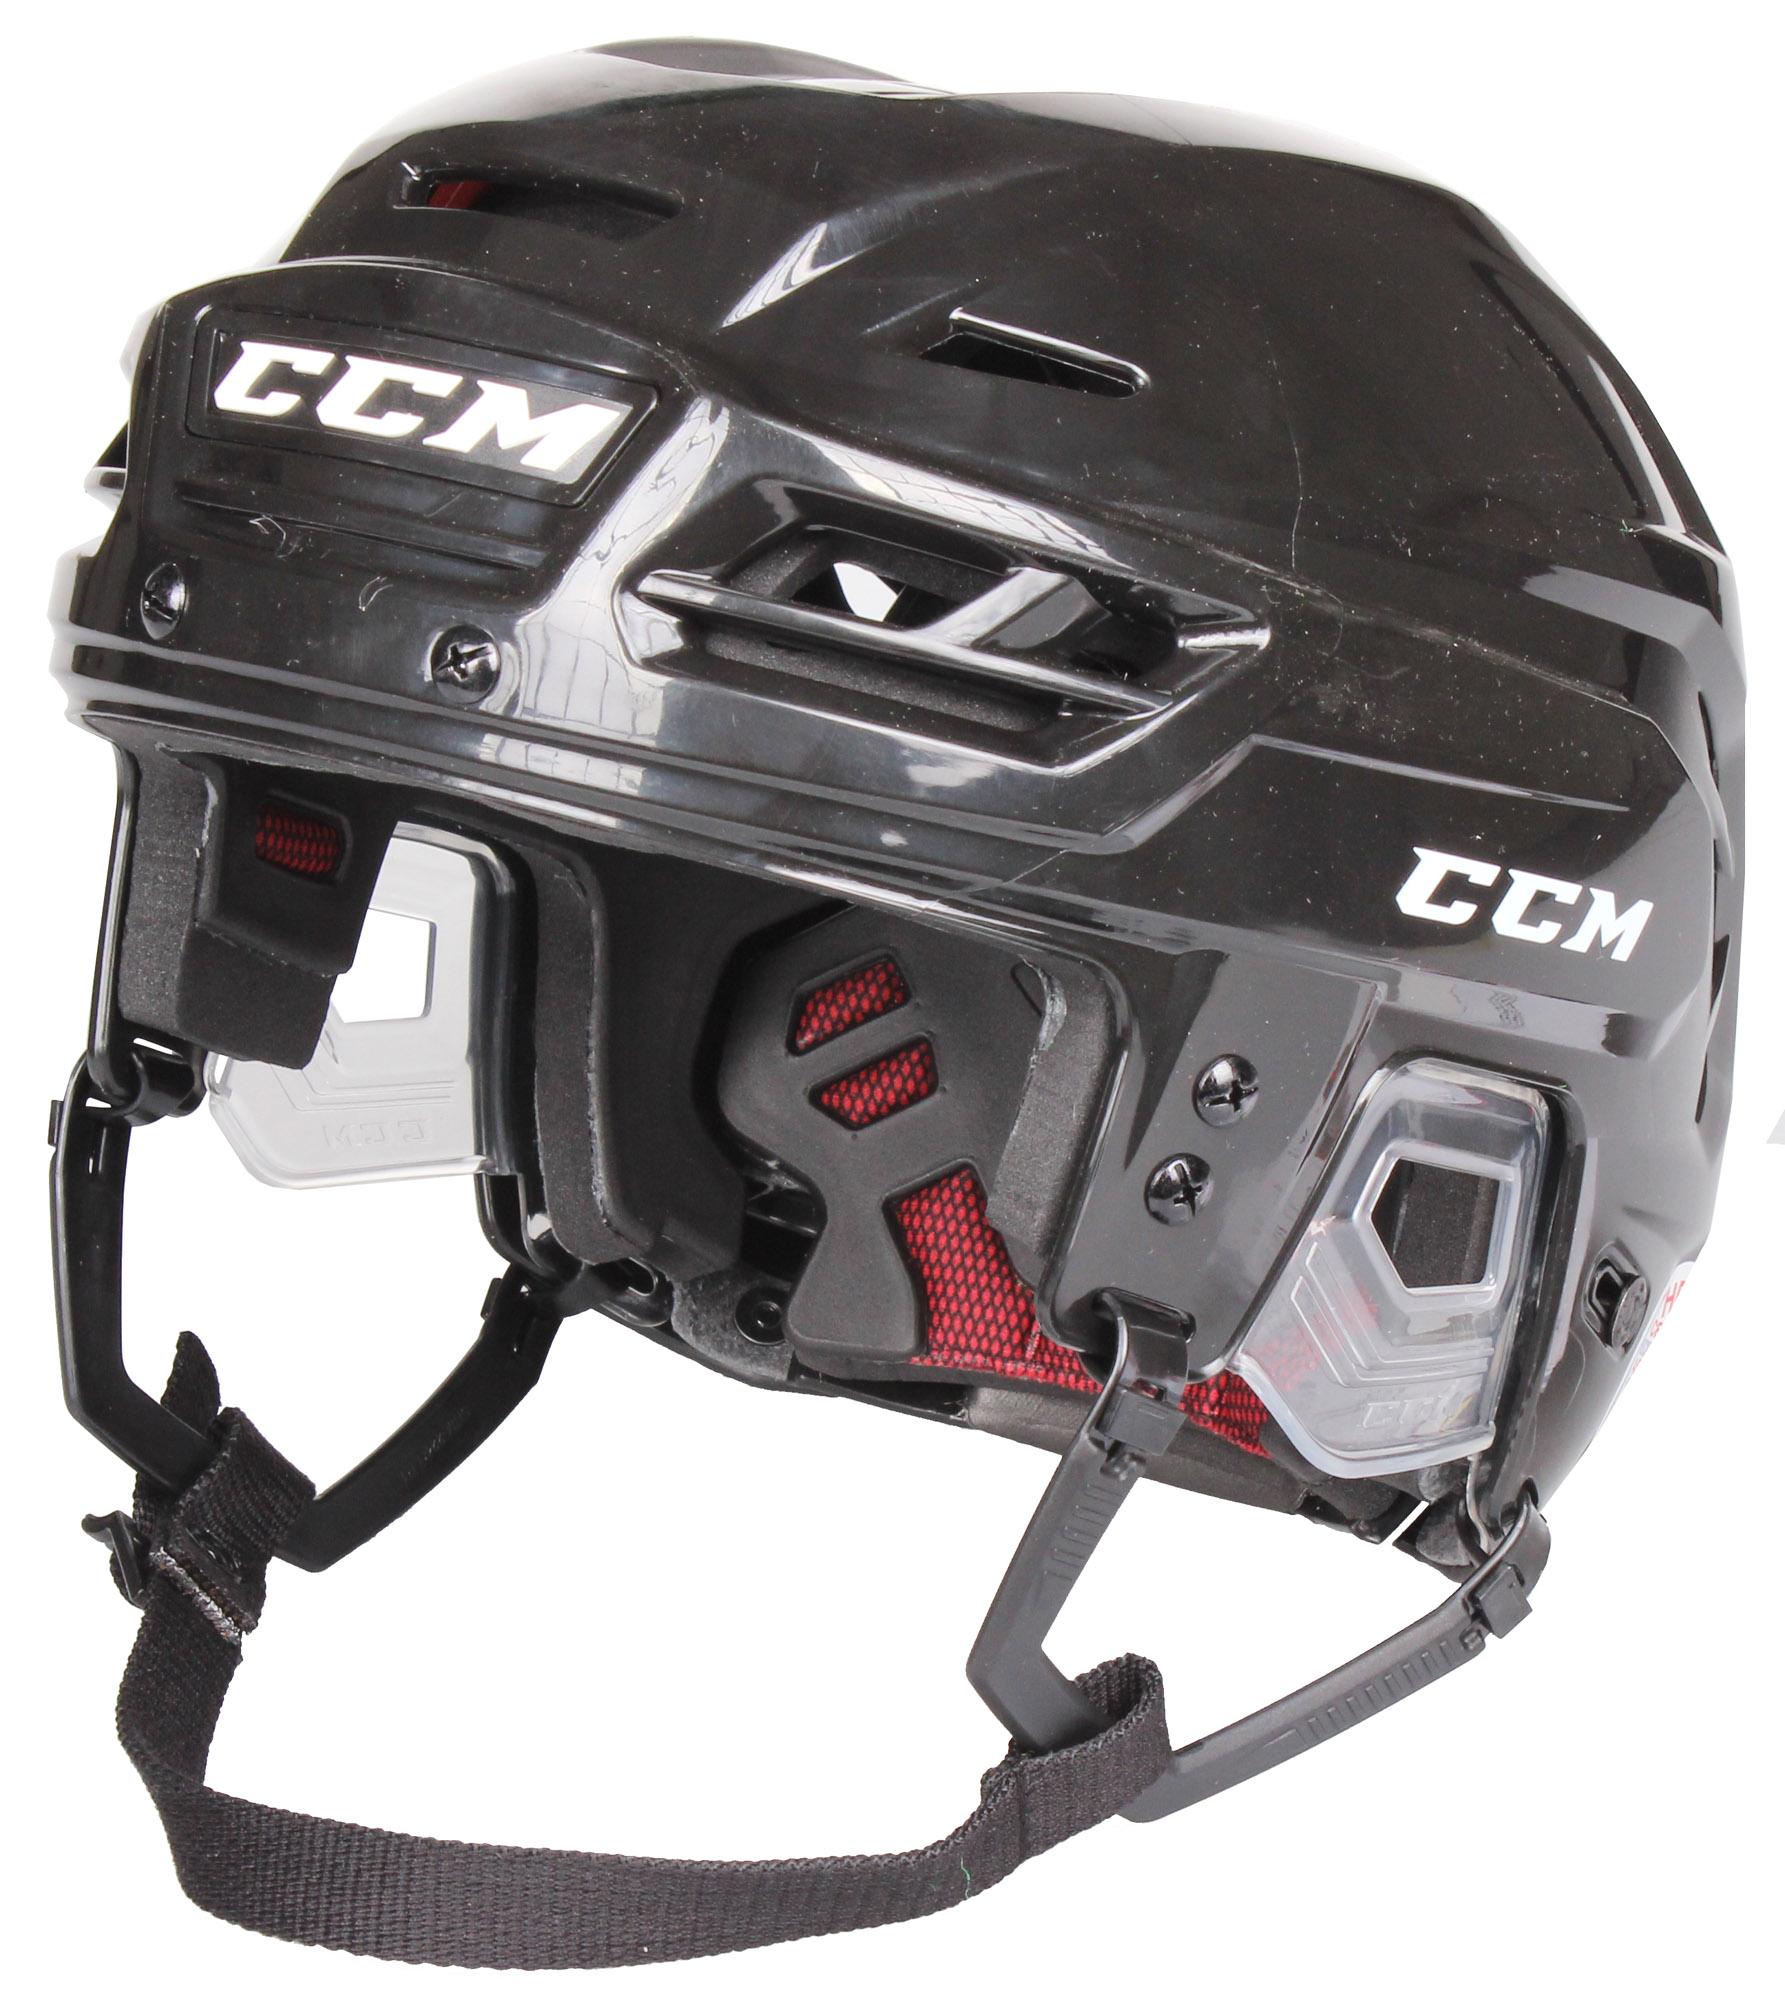 CCM Resistance 300 hokejová helma - černá